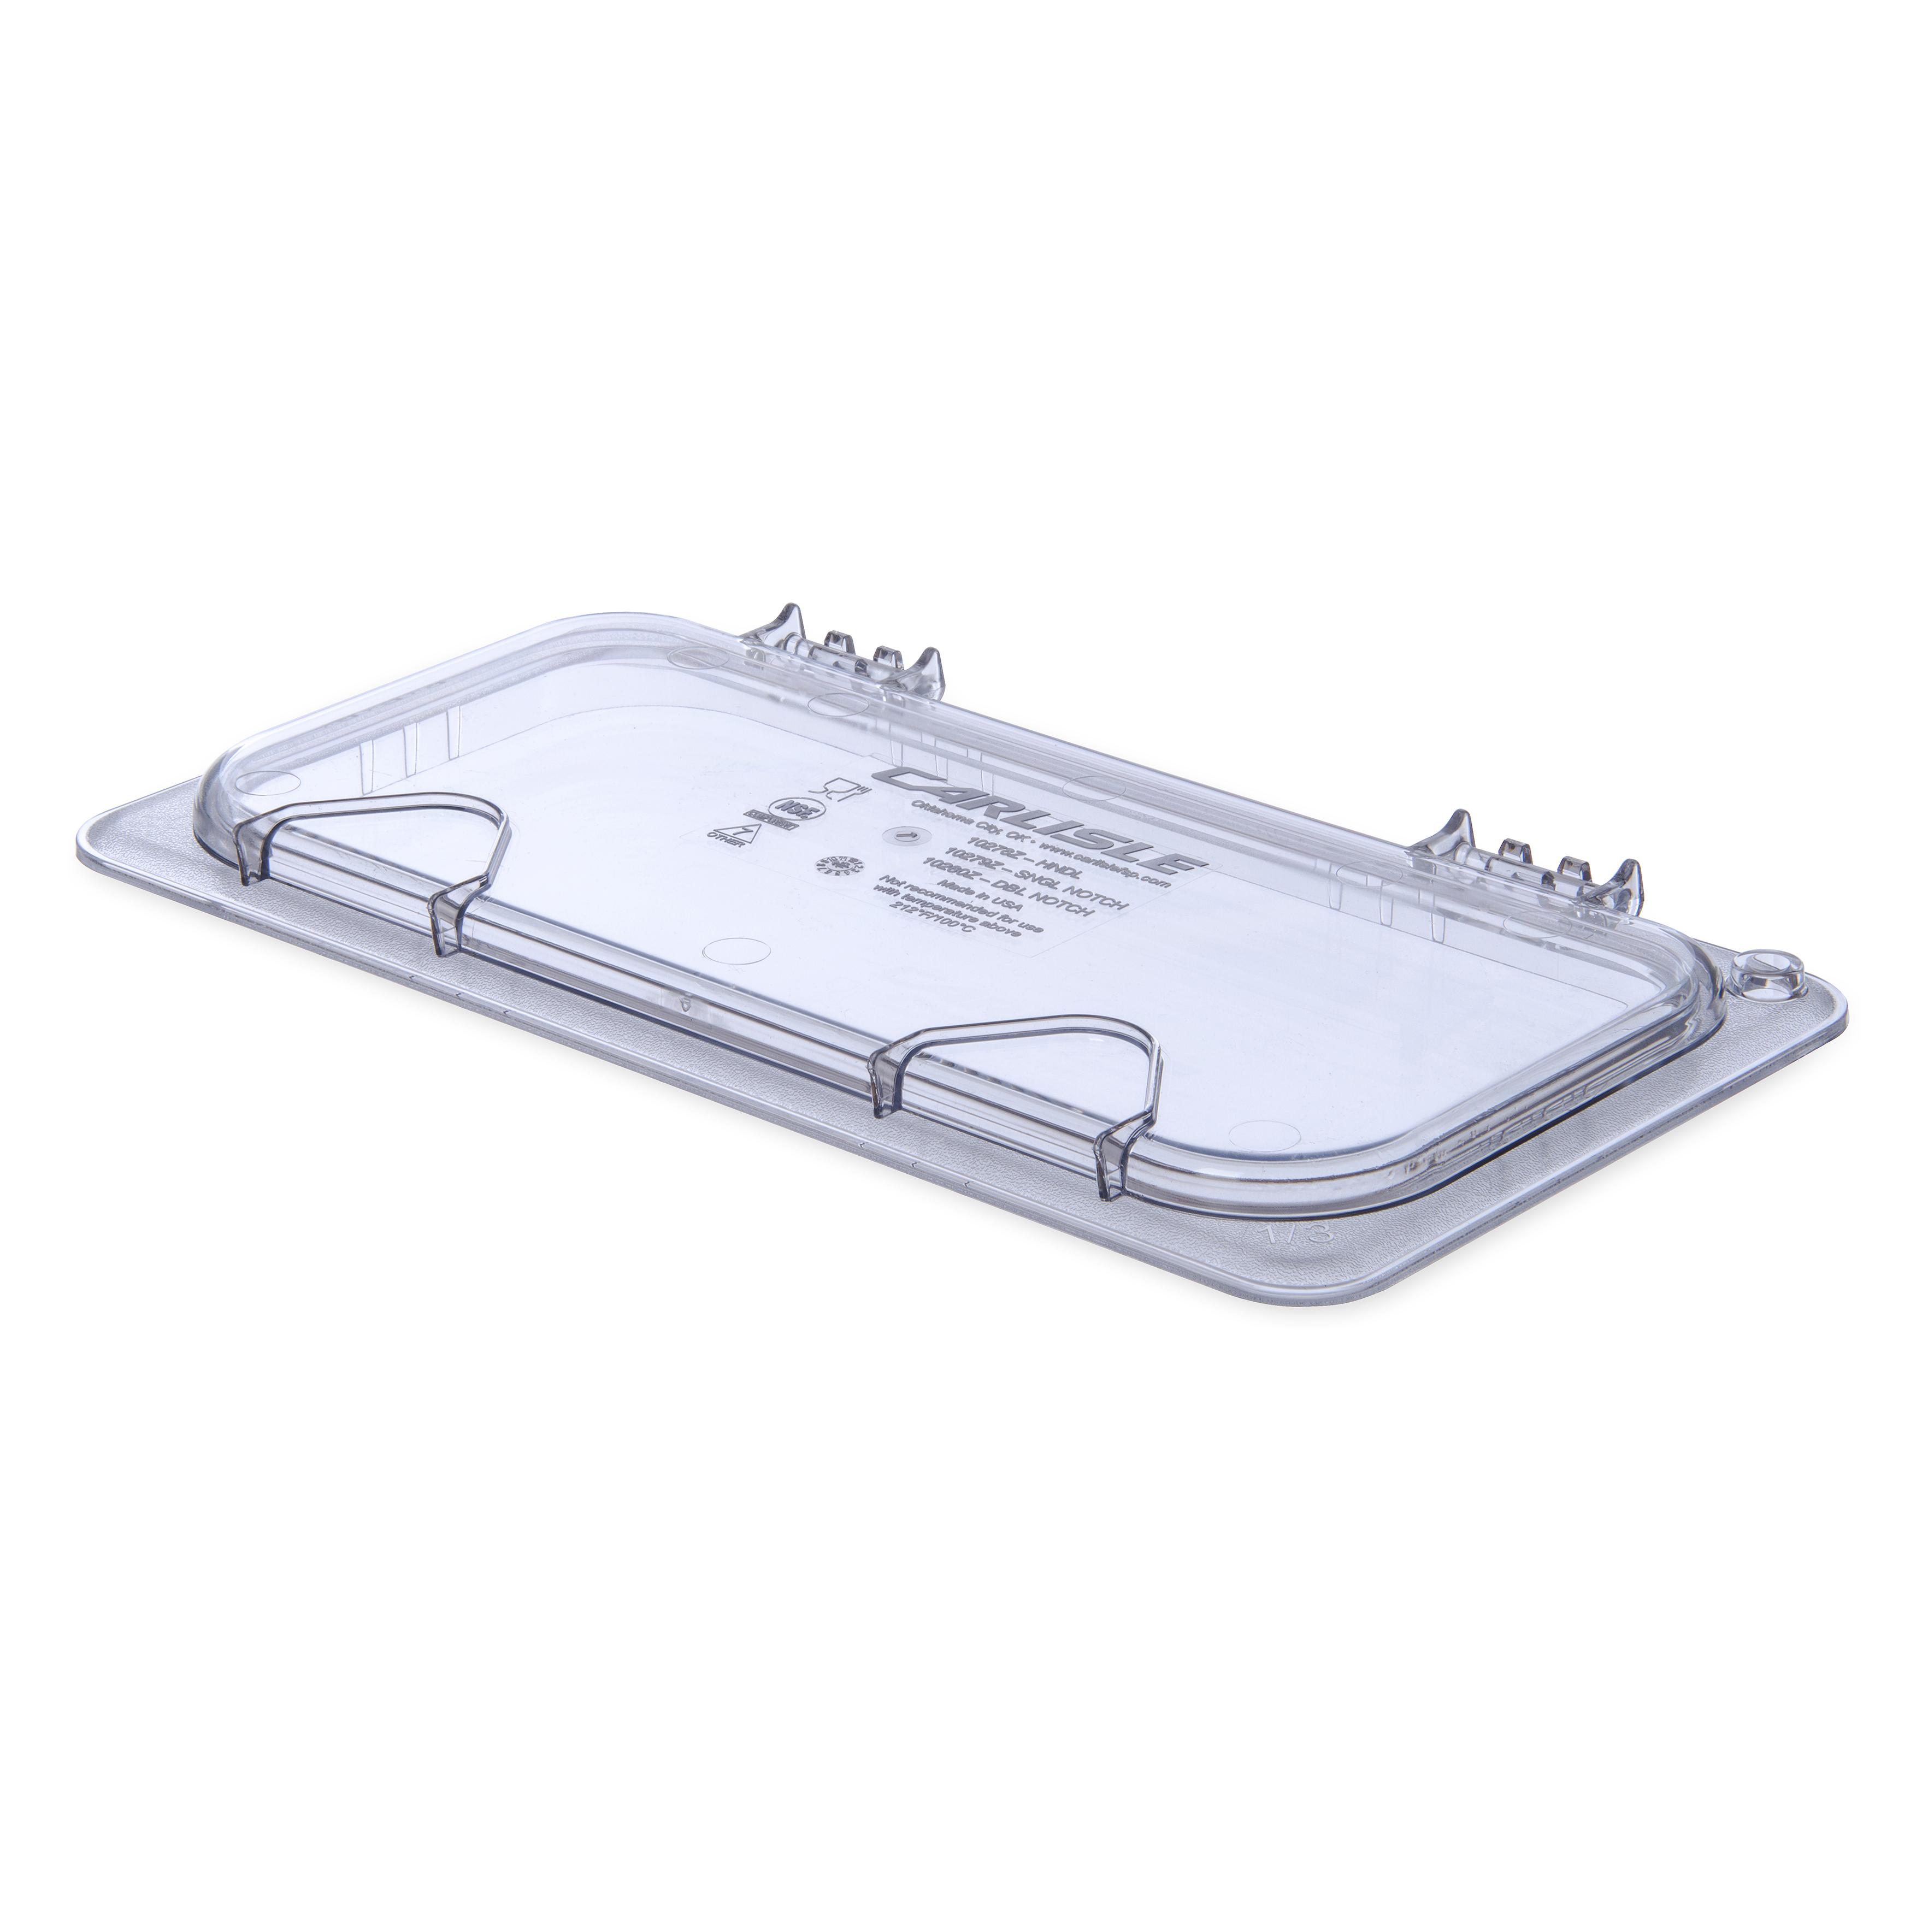 Carlisle 10278Z07 food pan cover, plastic